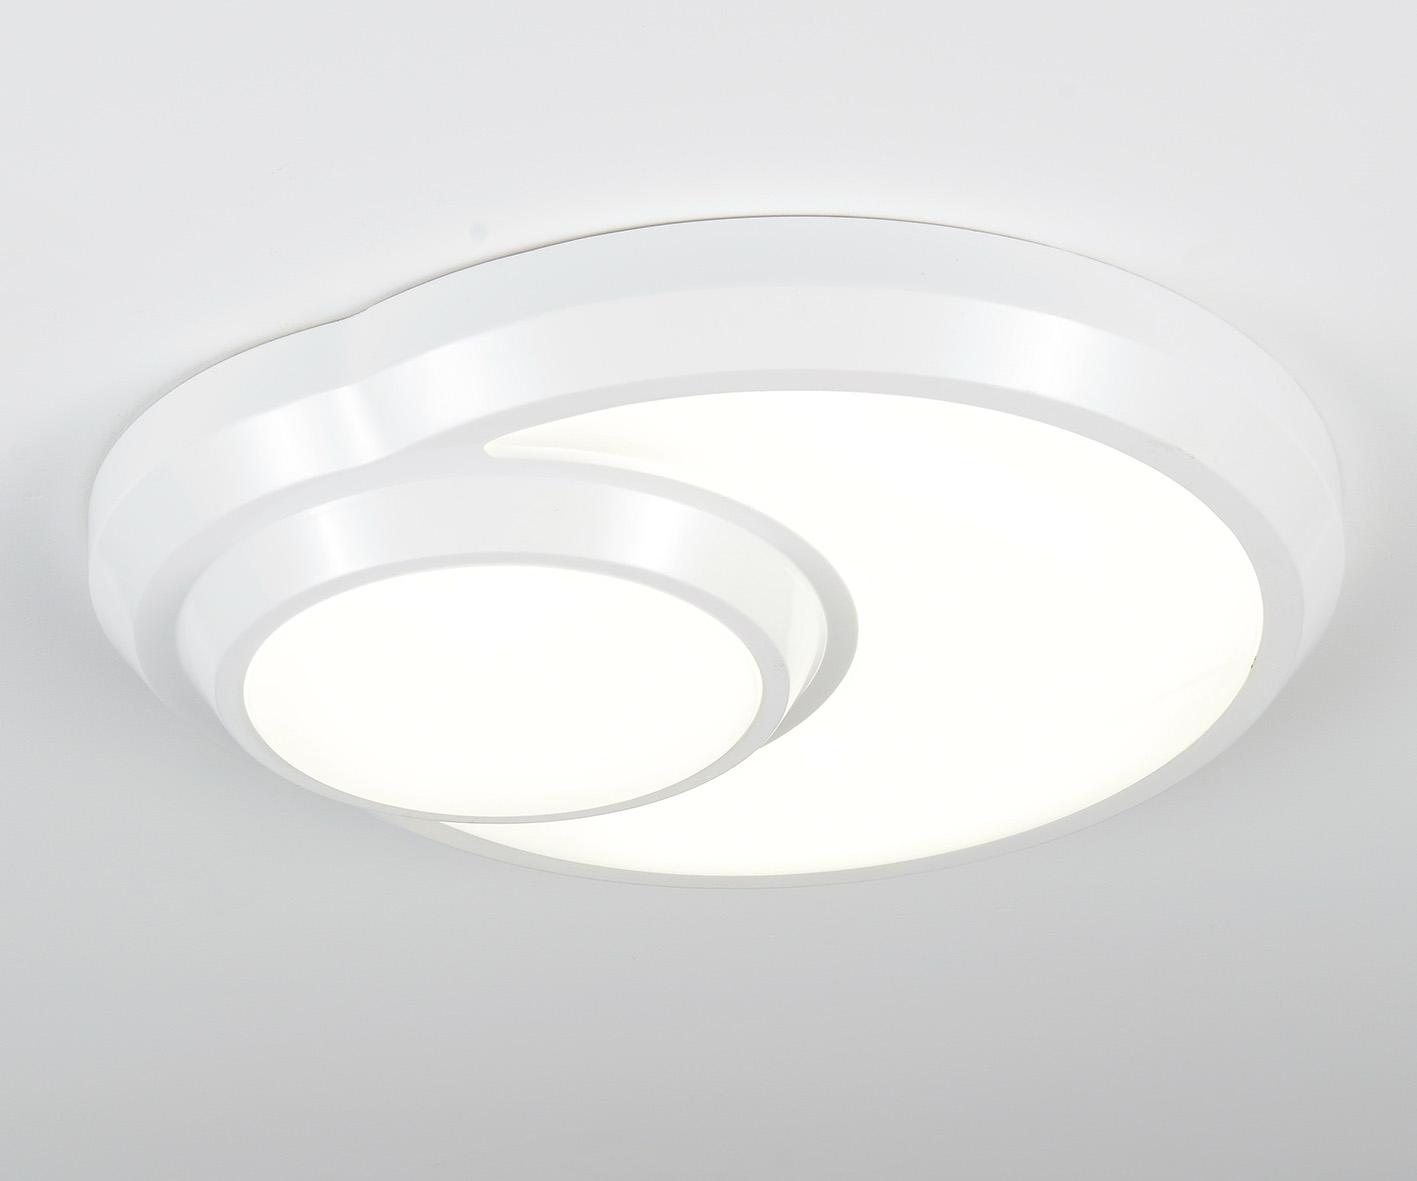 Светильник ОЗЕРО w-52*48 h 12 LED 3*6w + 1*8w белый от Roomble